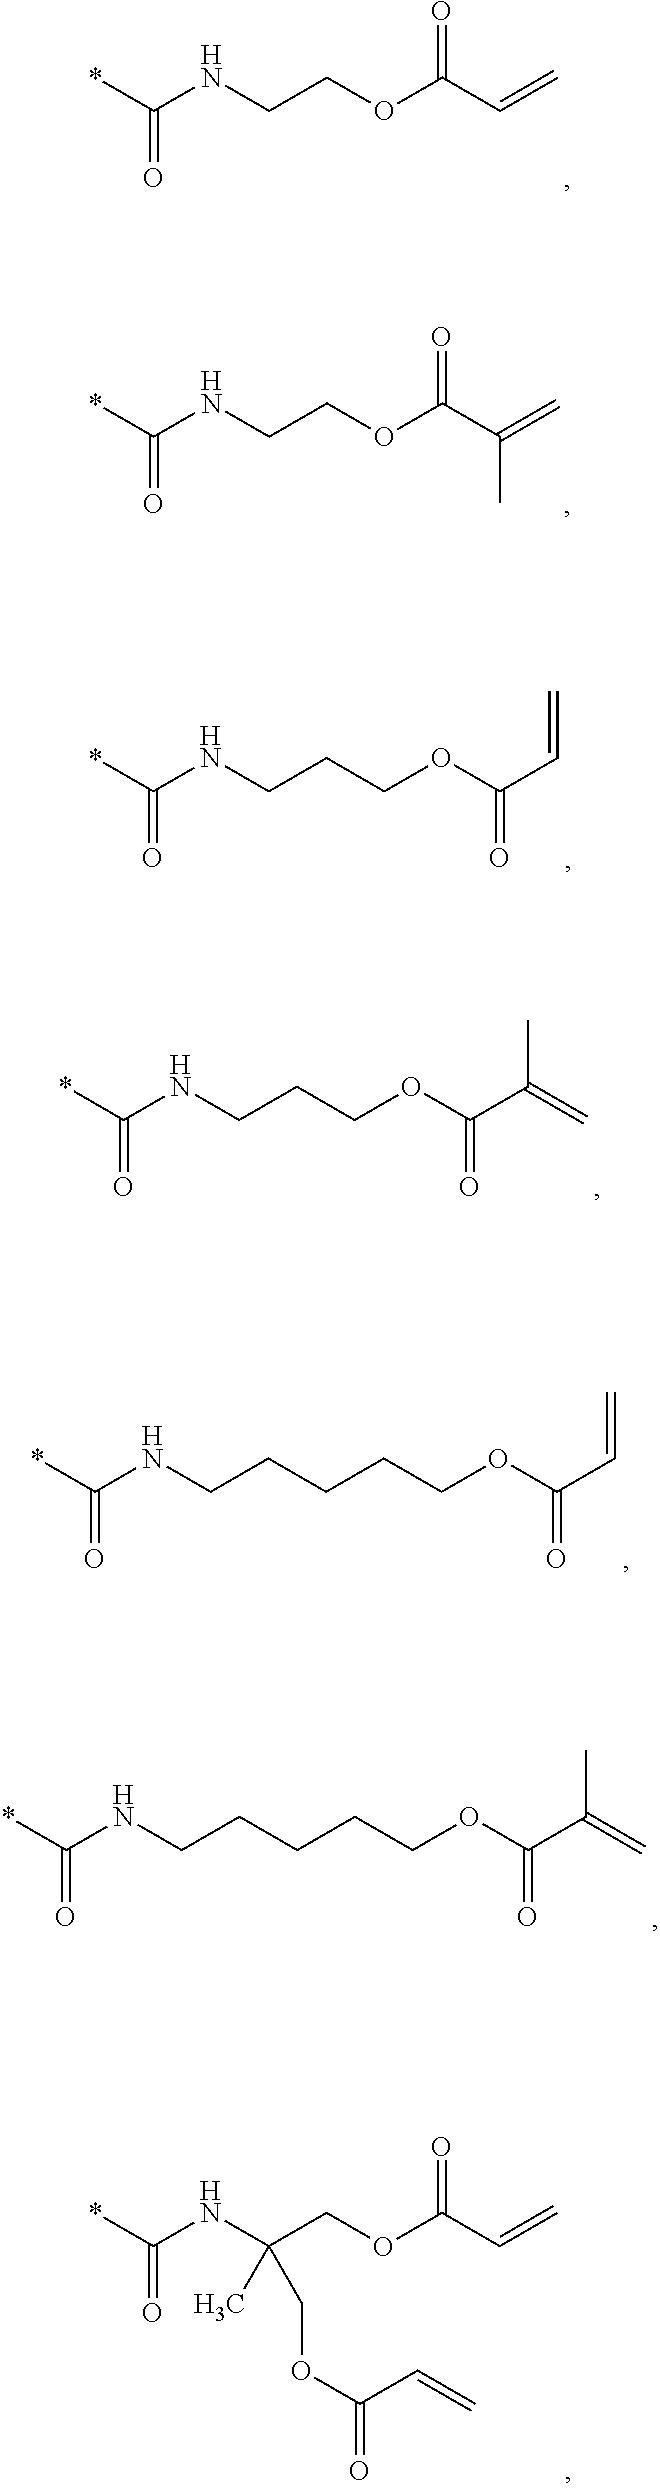 Figure US10022306-20180717-C00014